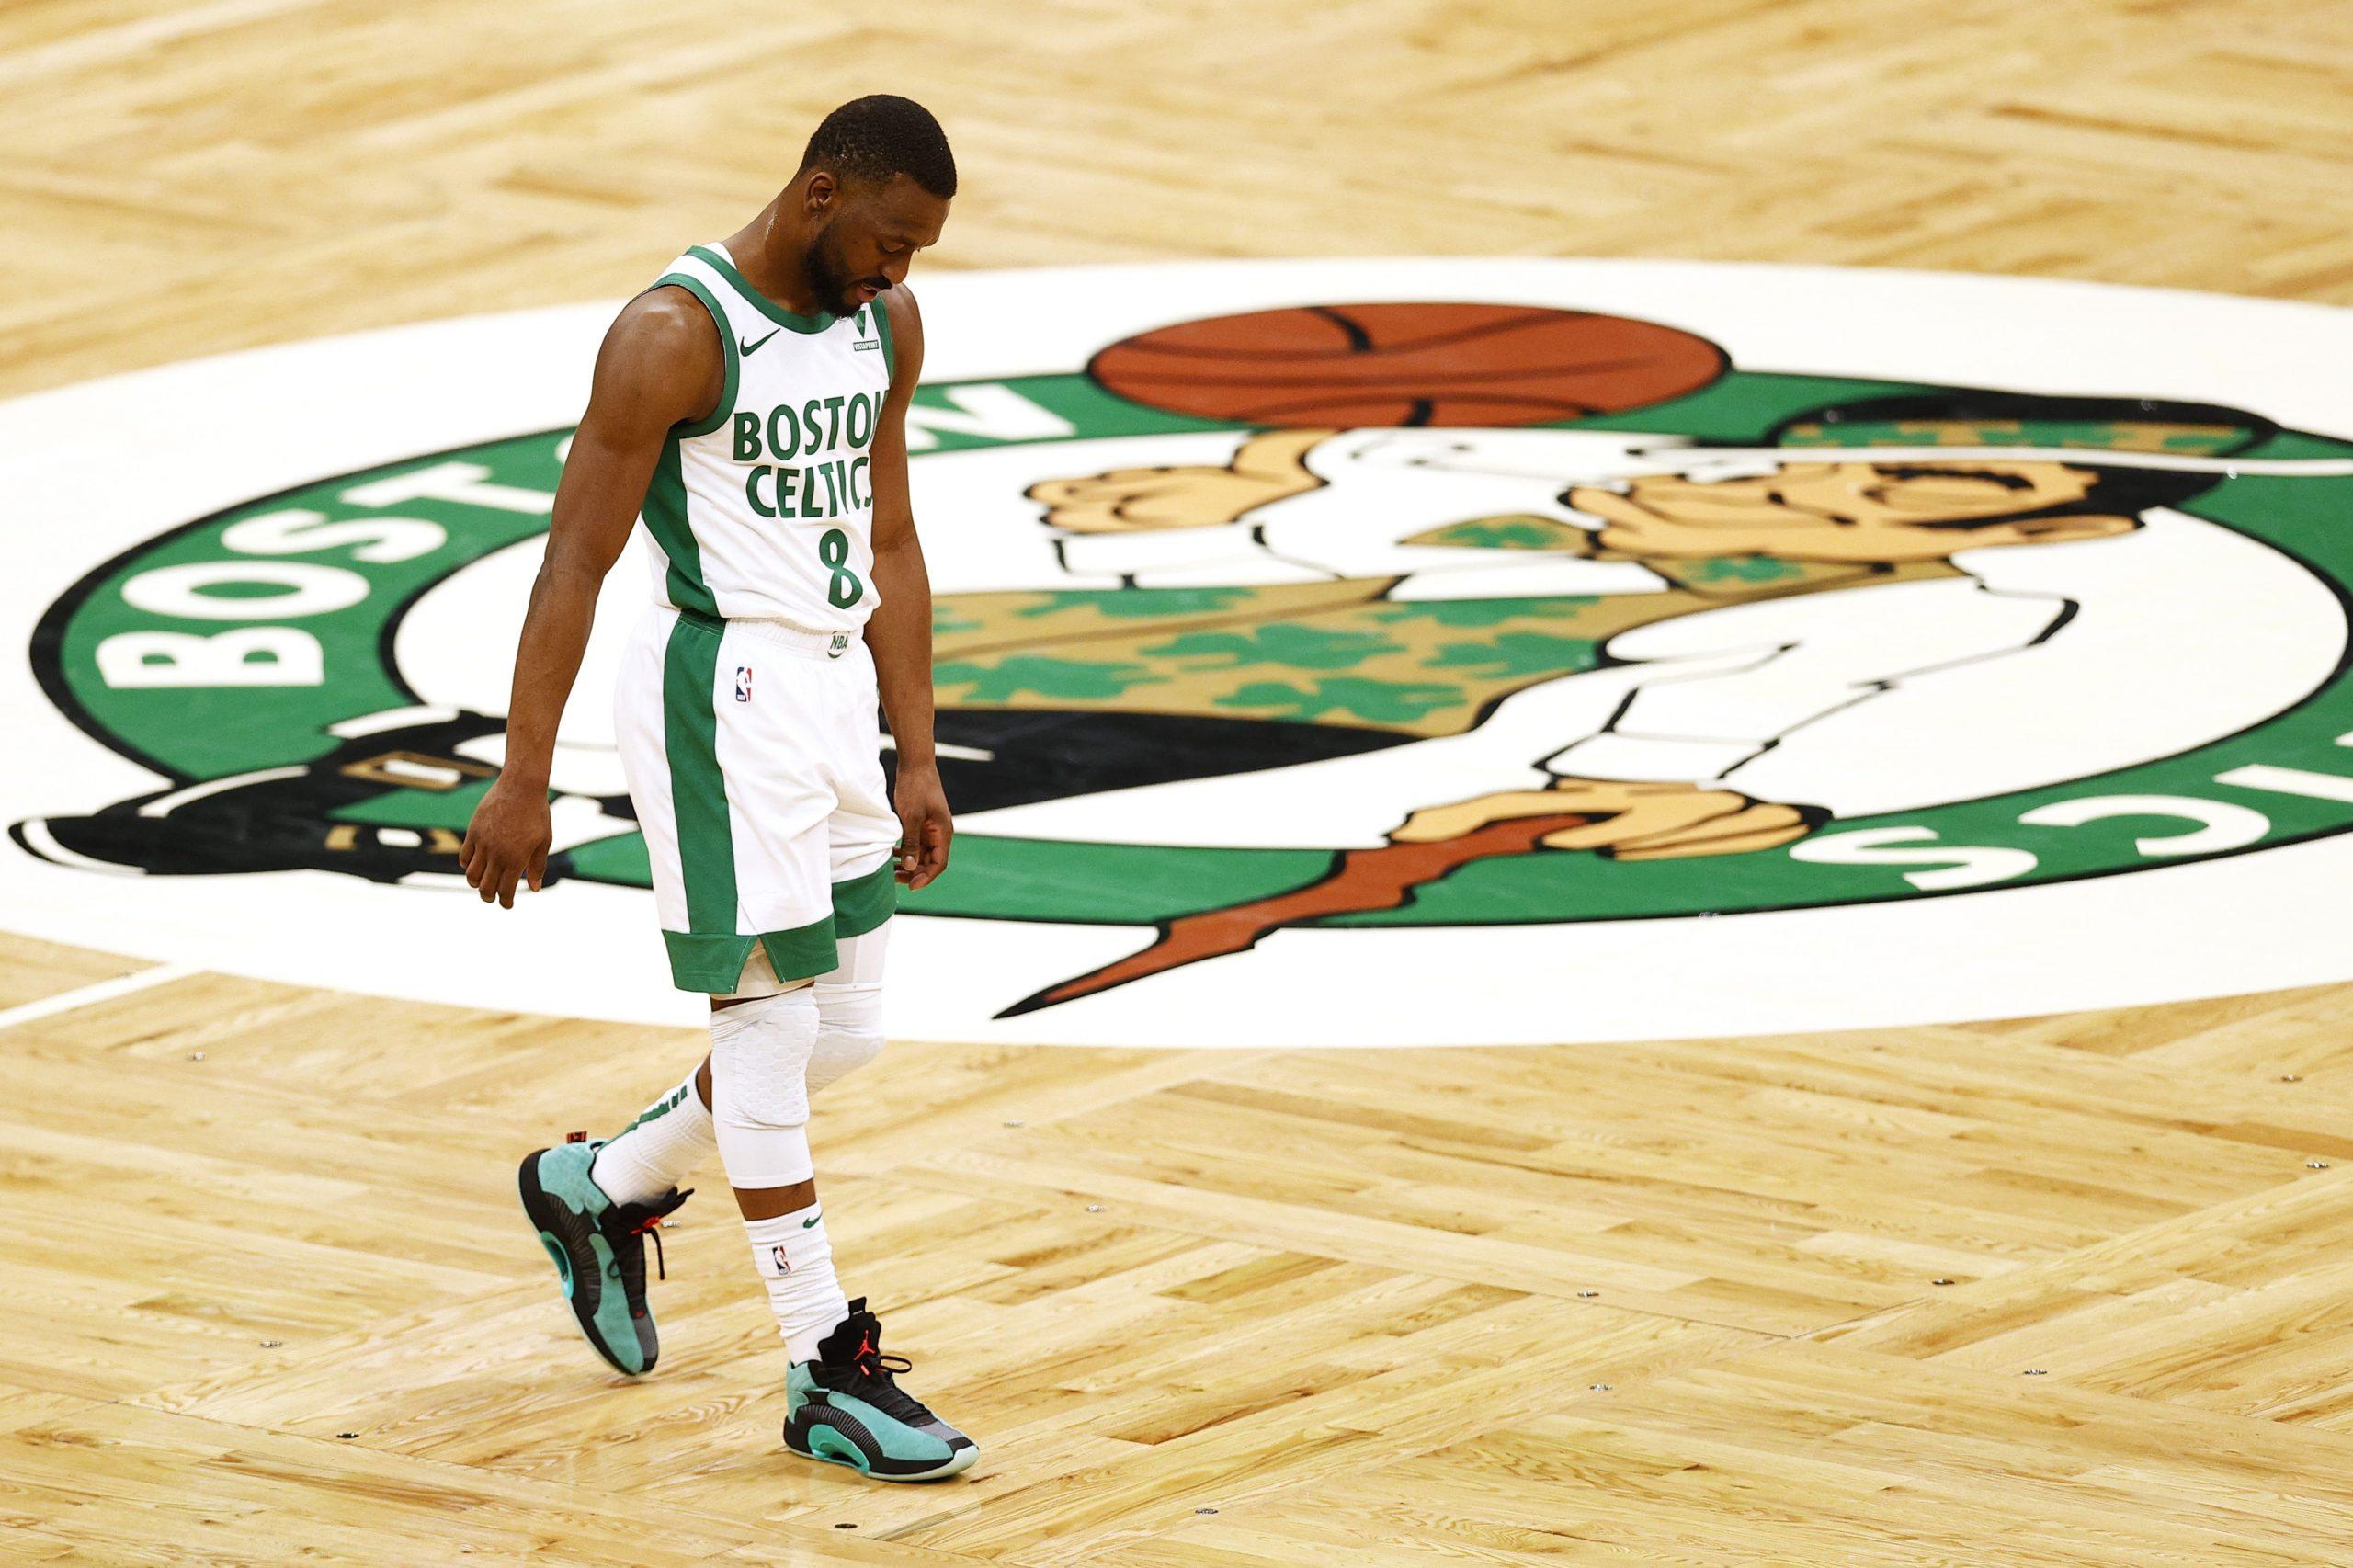 Walker Celtics